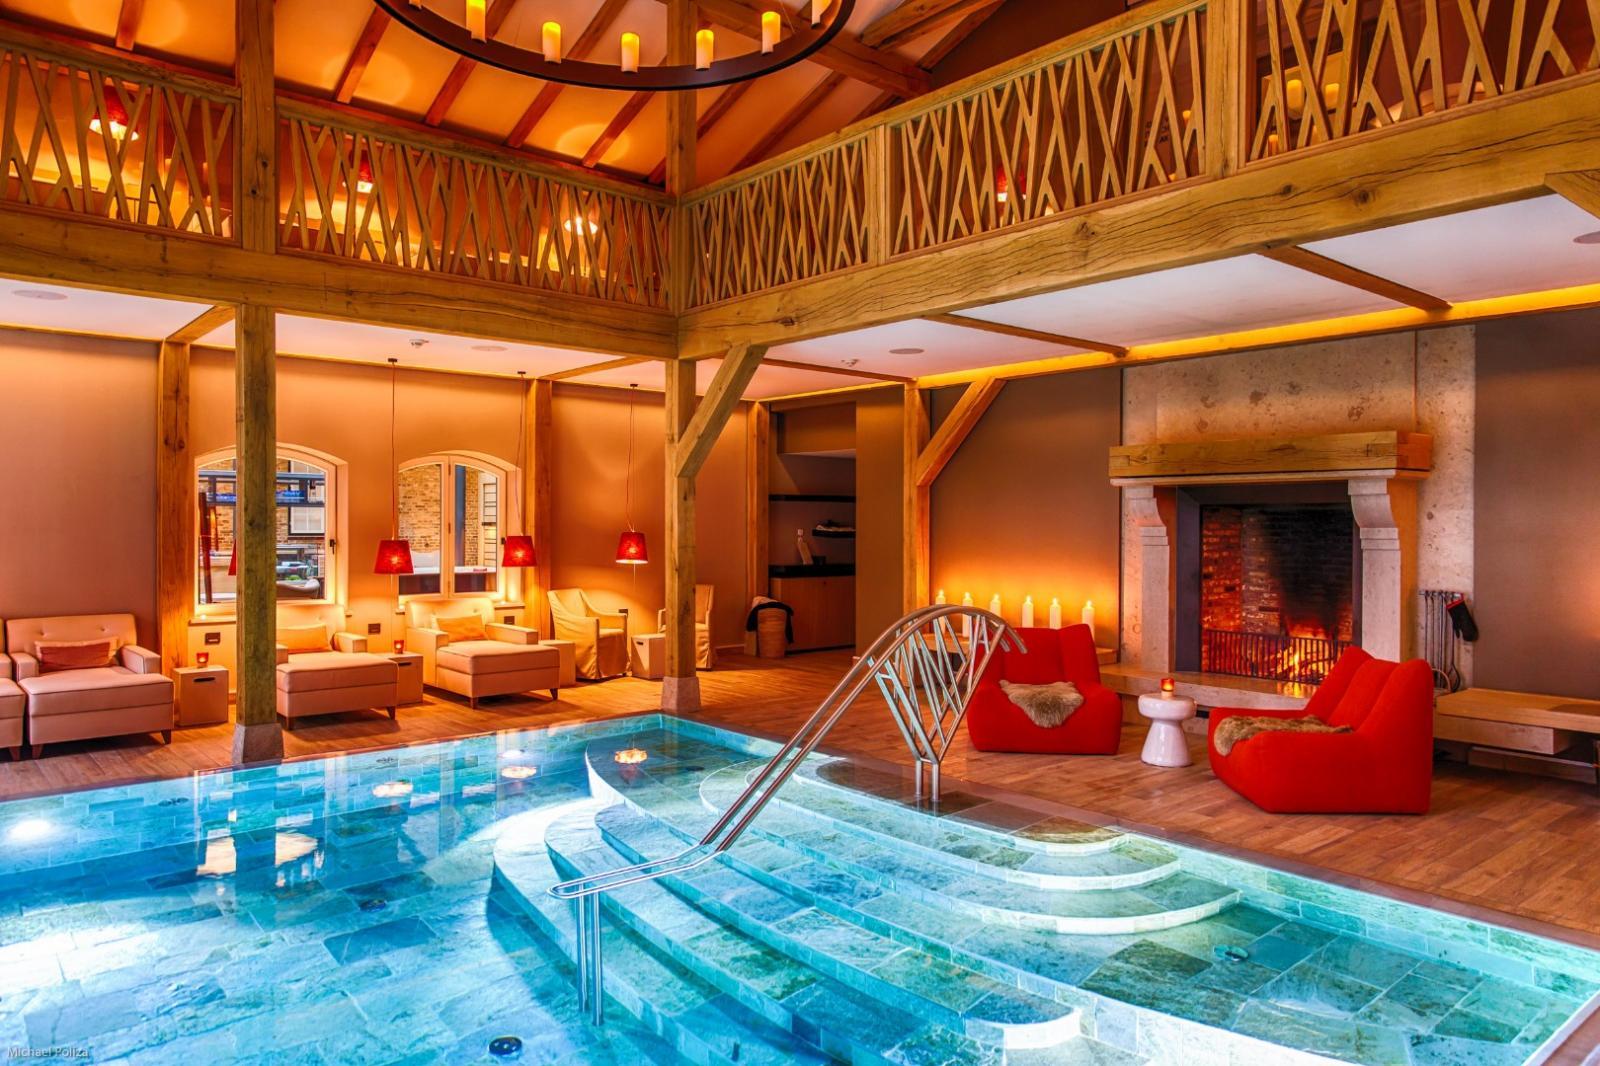 weissenhaus grand village resort spa am meer weissenhaus hotelbewertung. Black Bedroom Furniture Sets. Home Design Ideas